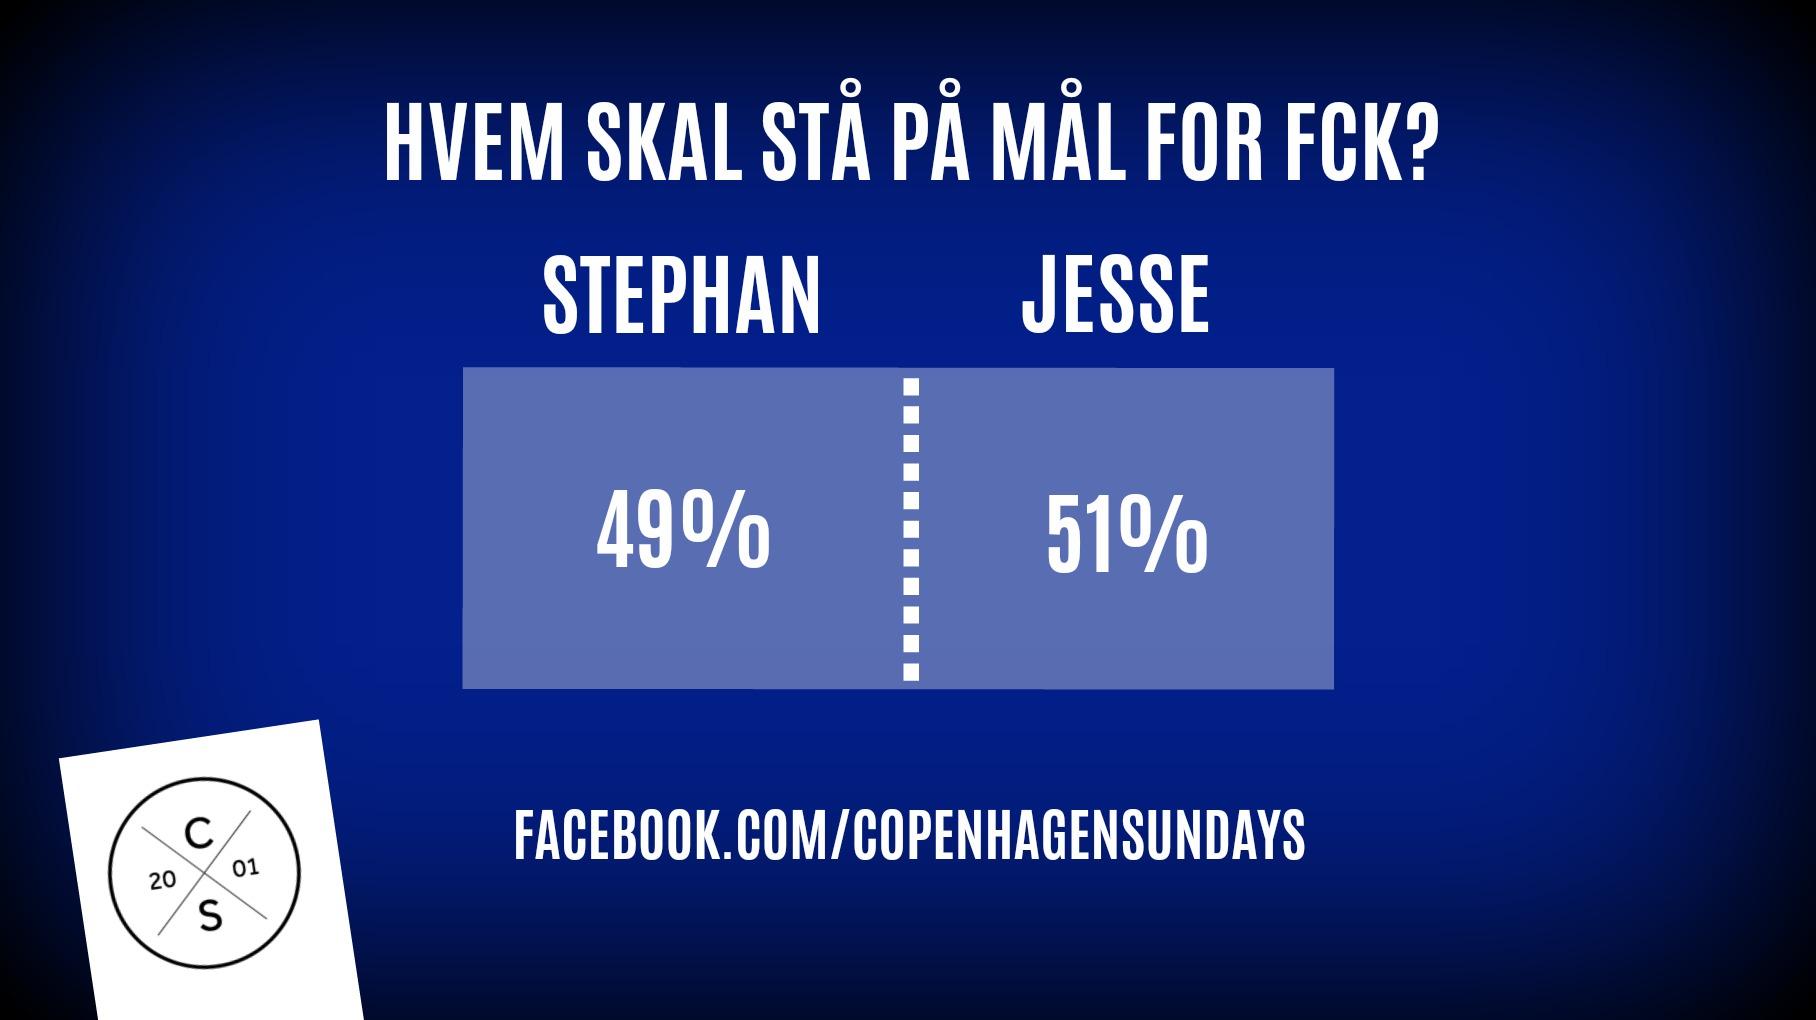 Afstemning forud for sæsons første kamp i Superligaen 2018/19 mod Horsens. Jesse vinder knebent mellem de næsten 2.000 afgivne stemmer (15-16 juli 2018).